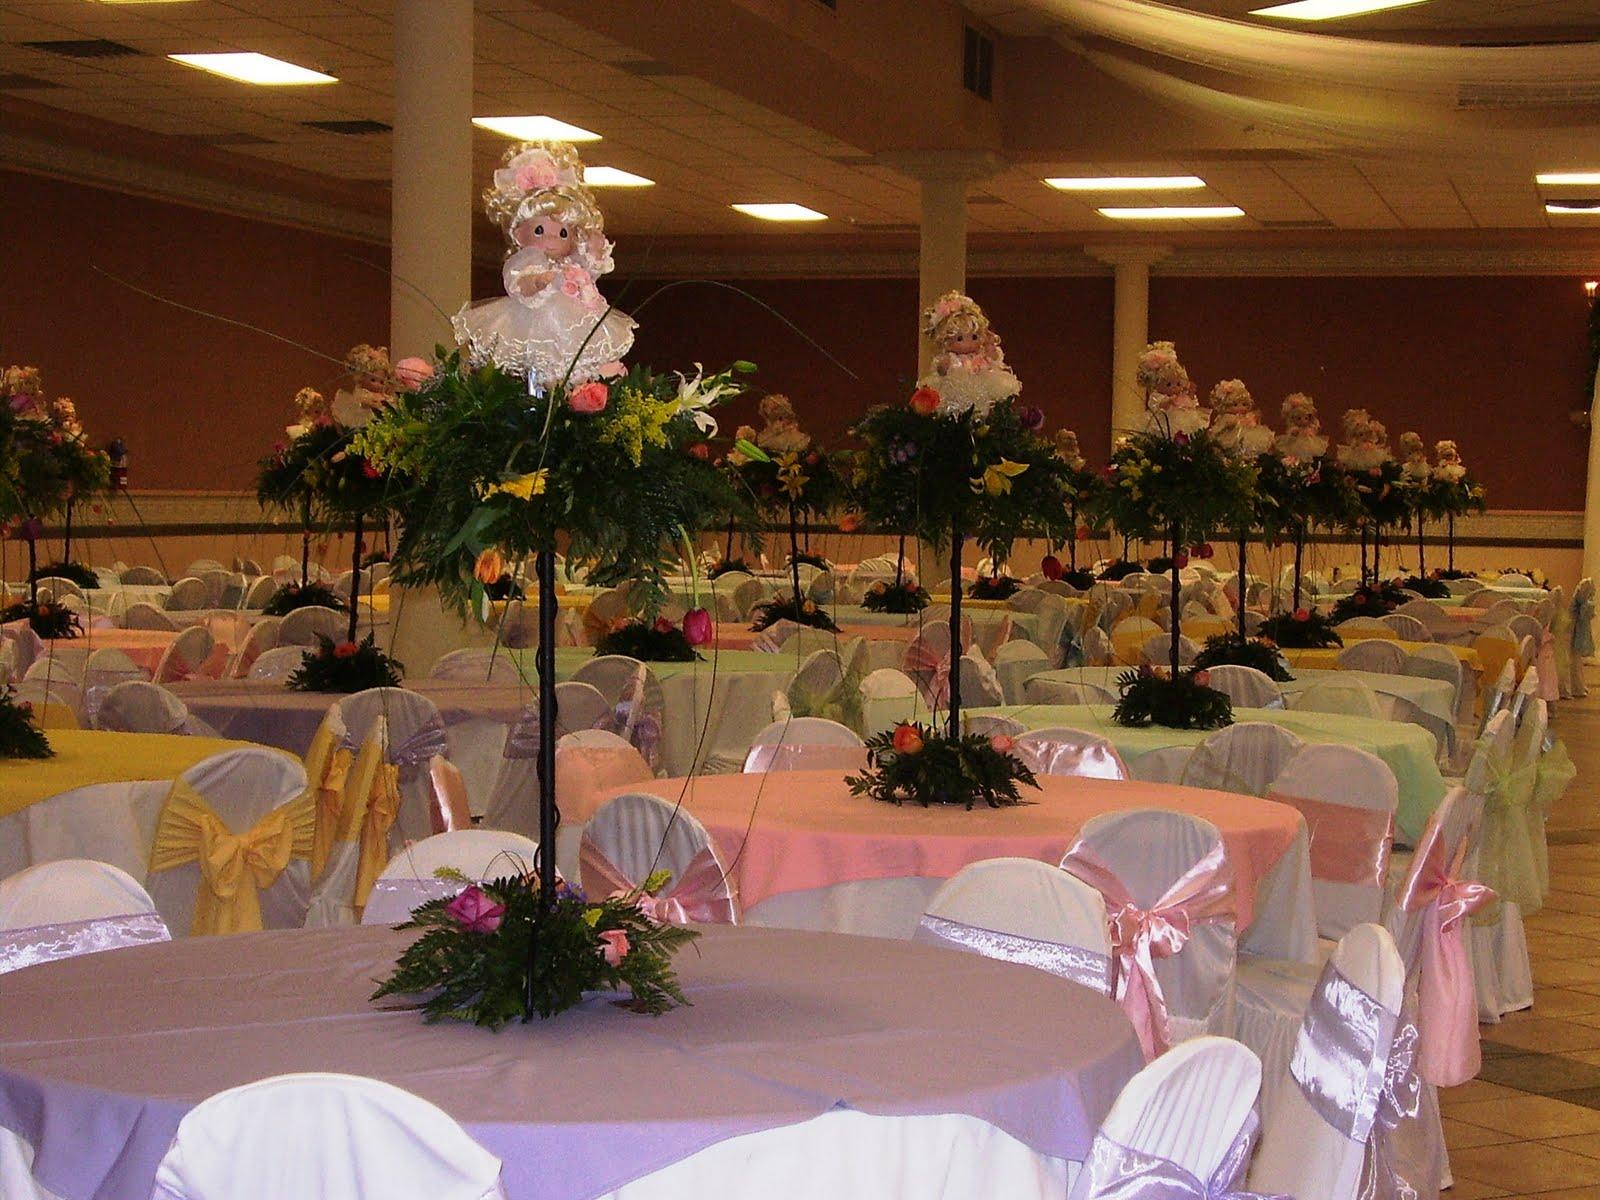 Flor arcy arreglos florales de 15 a os - Decoracion para salones ...